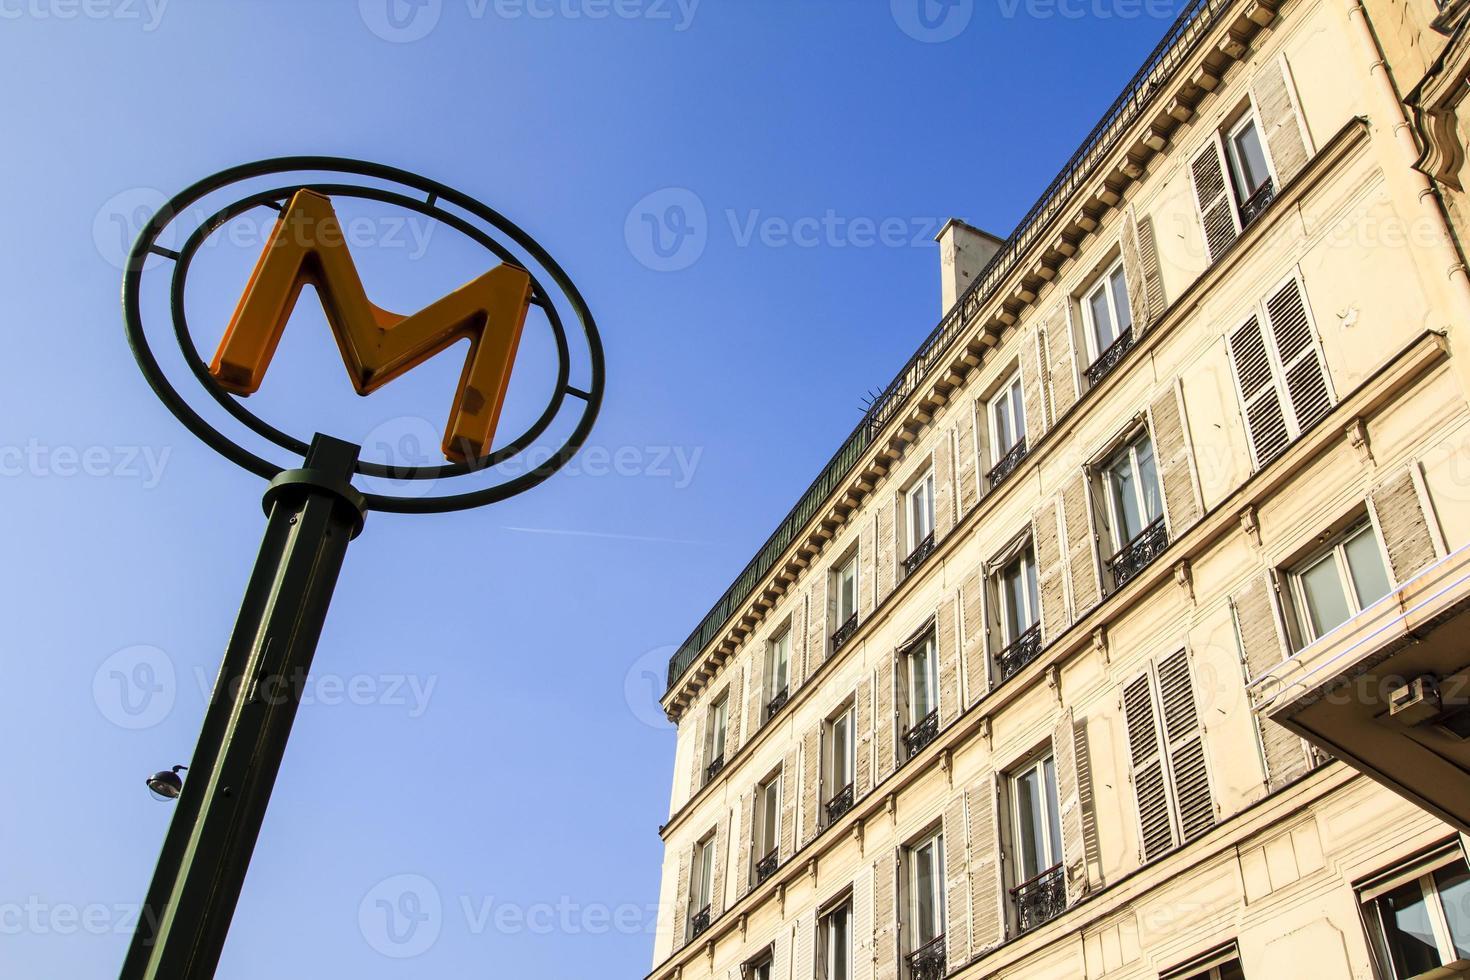 Metro sign in Paris, France photo